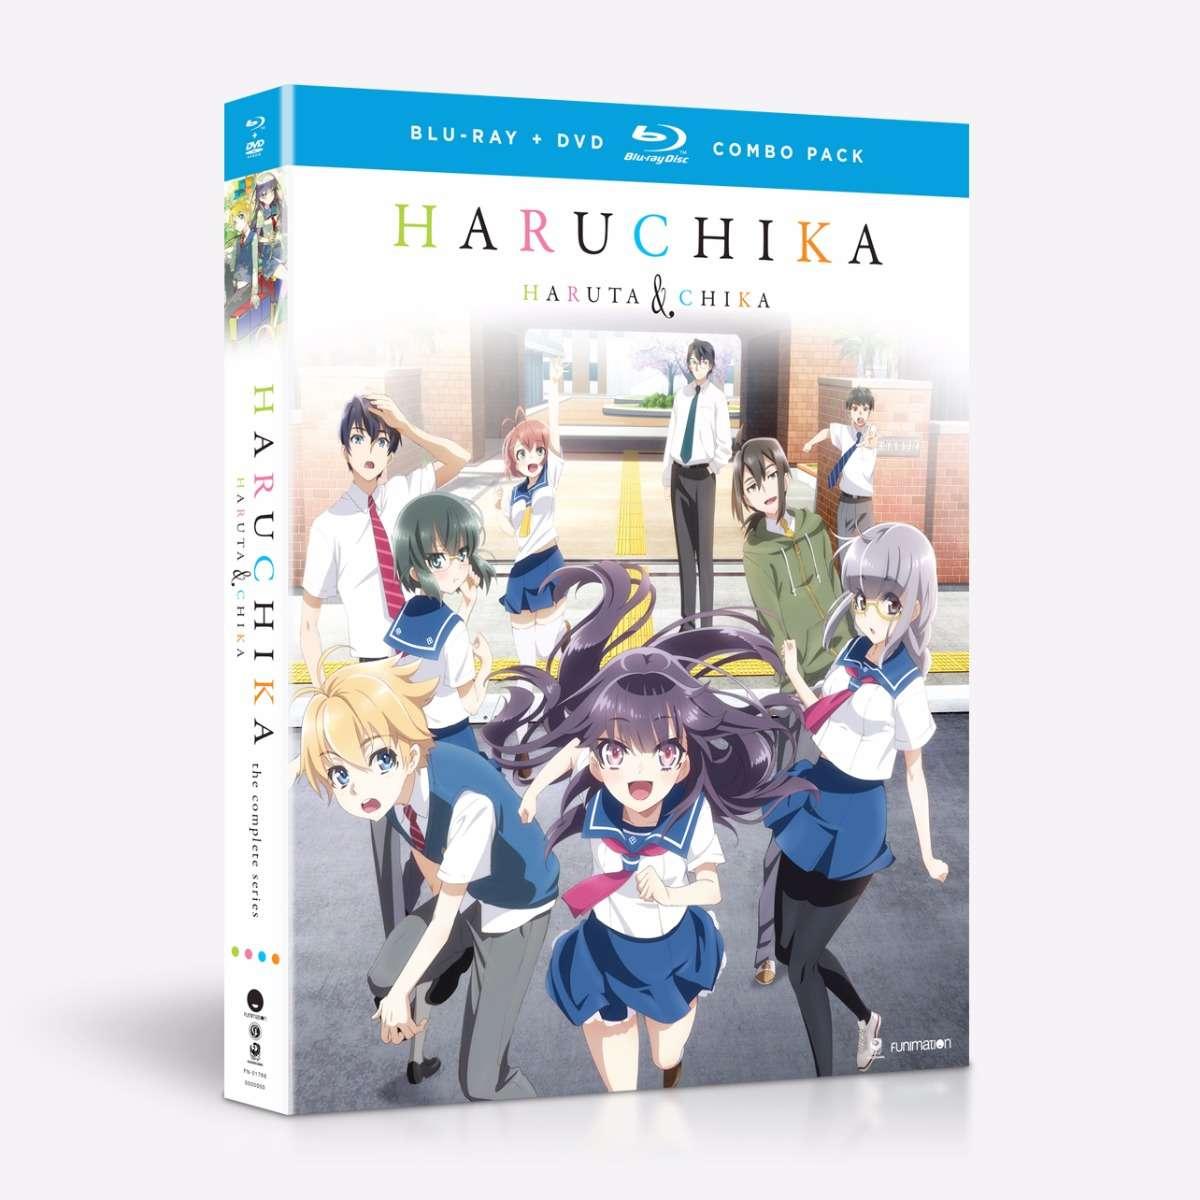 Haruchika Blu-ray/DVD 704400017865